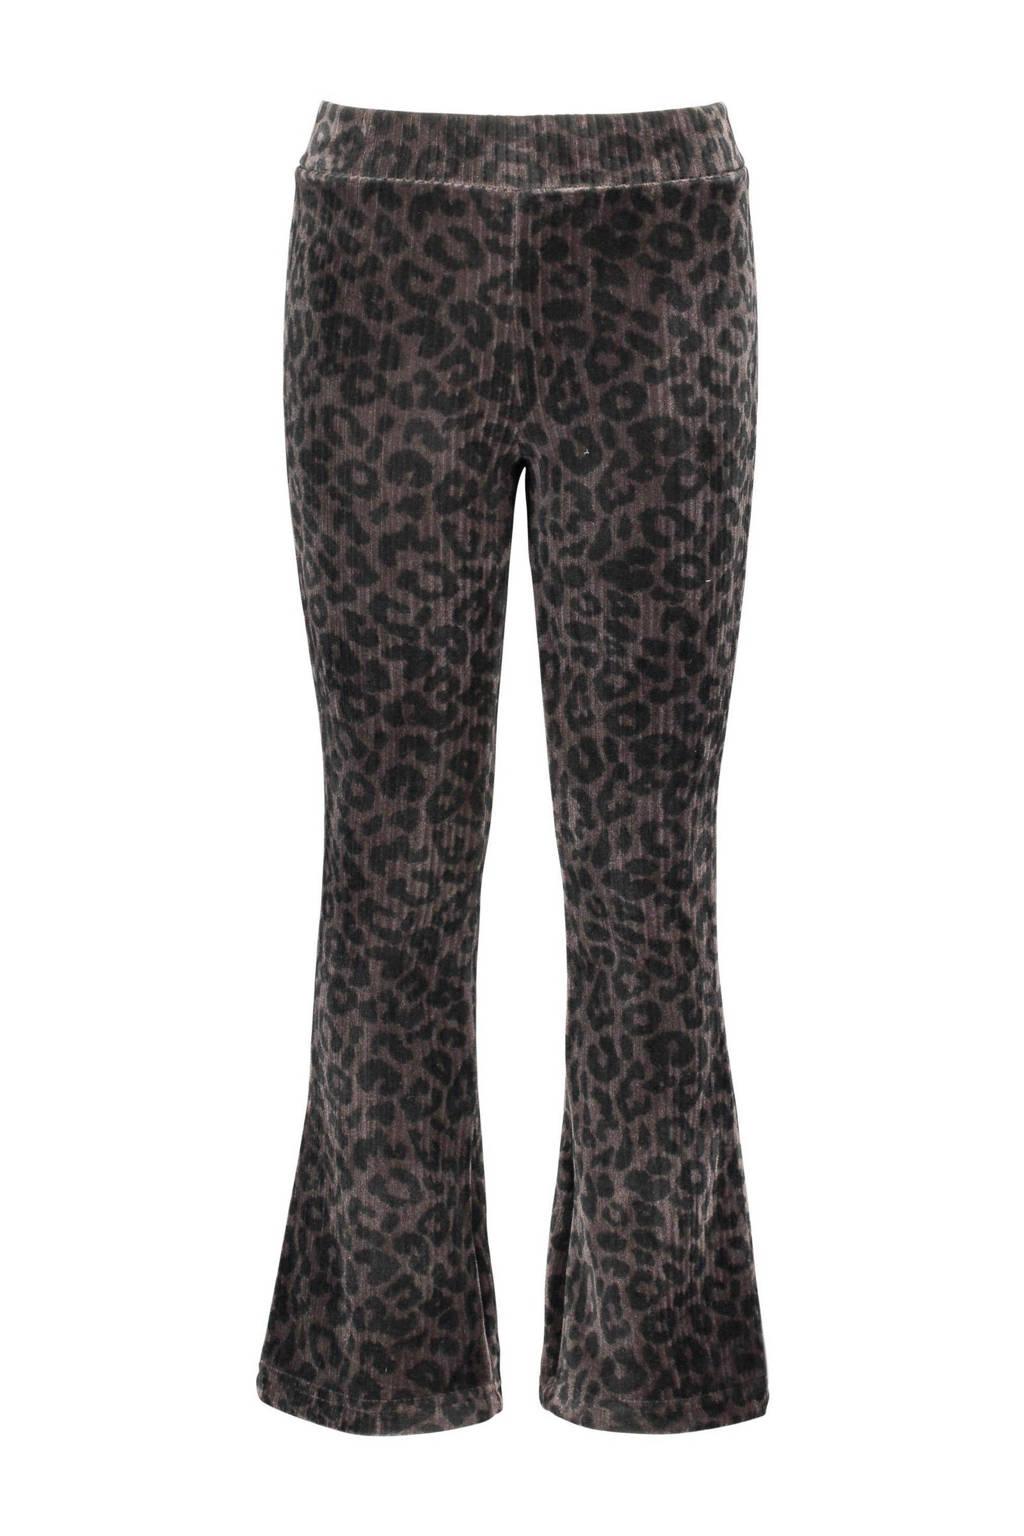 B.Nosy velours flared broek met dierenprint zwart/grijs, Zwart/grijs